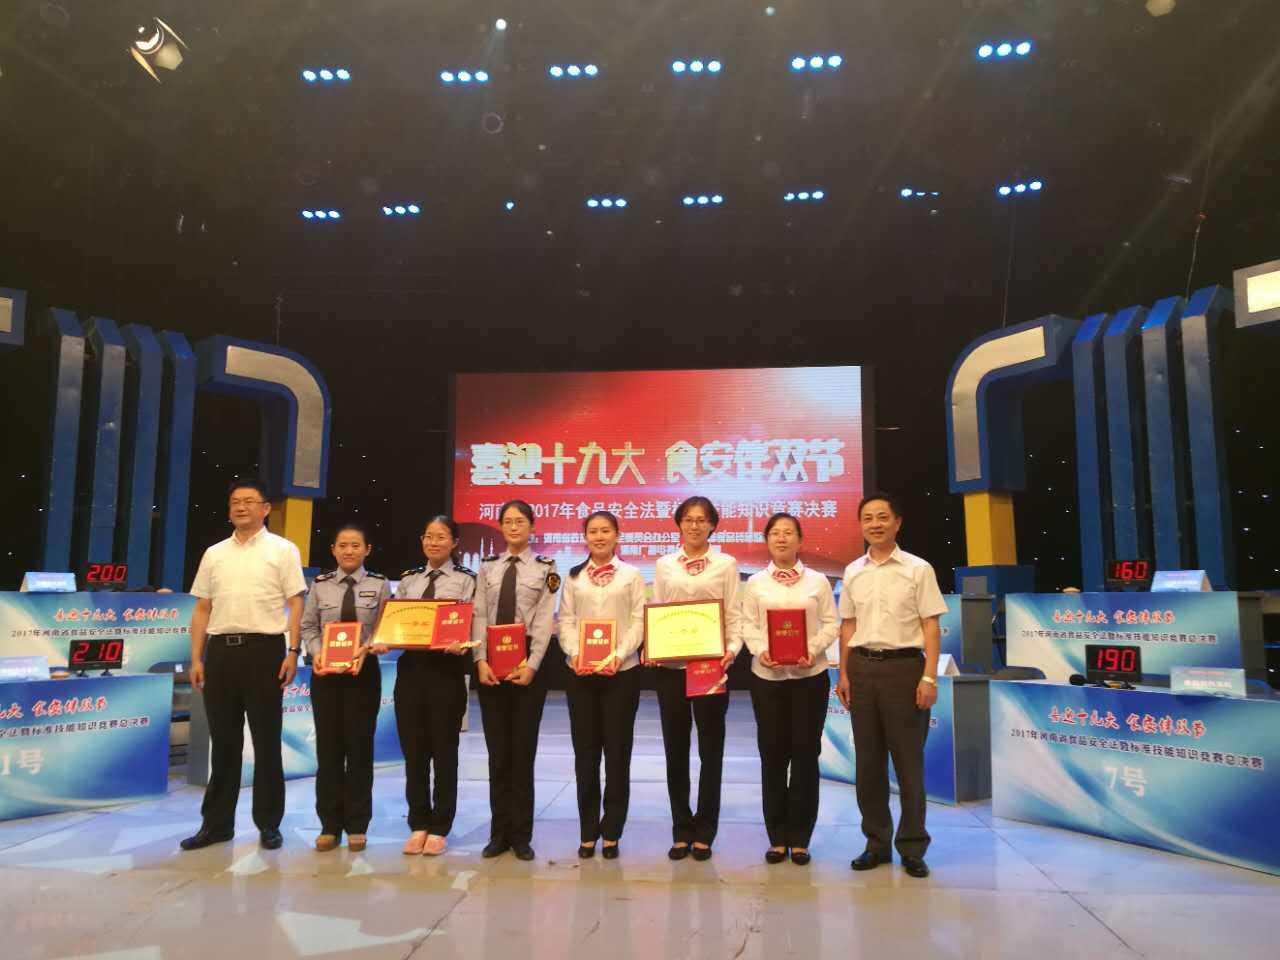 濮阳市荣获河南省2017年食品安全法暨标准技能知识竞赛一等奖